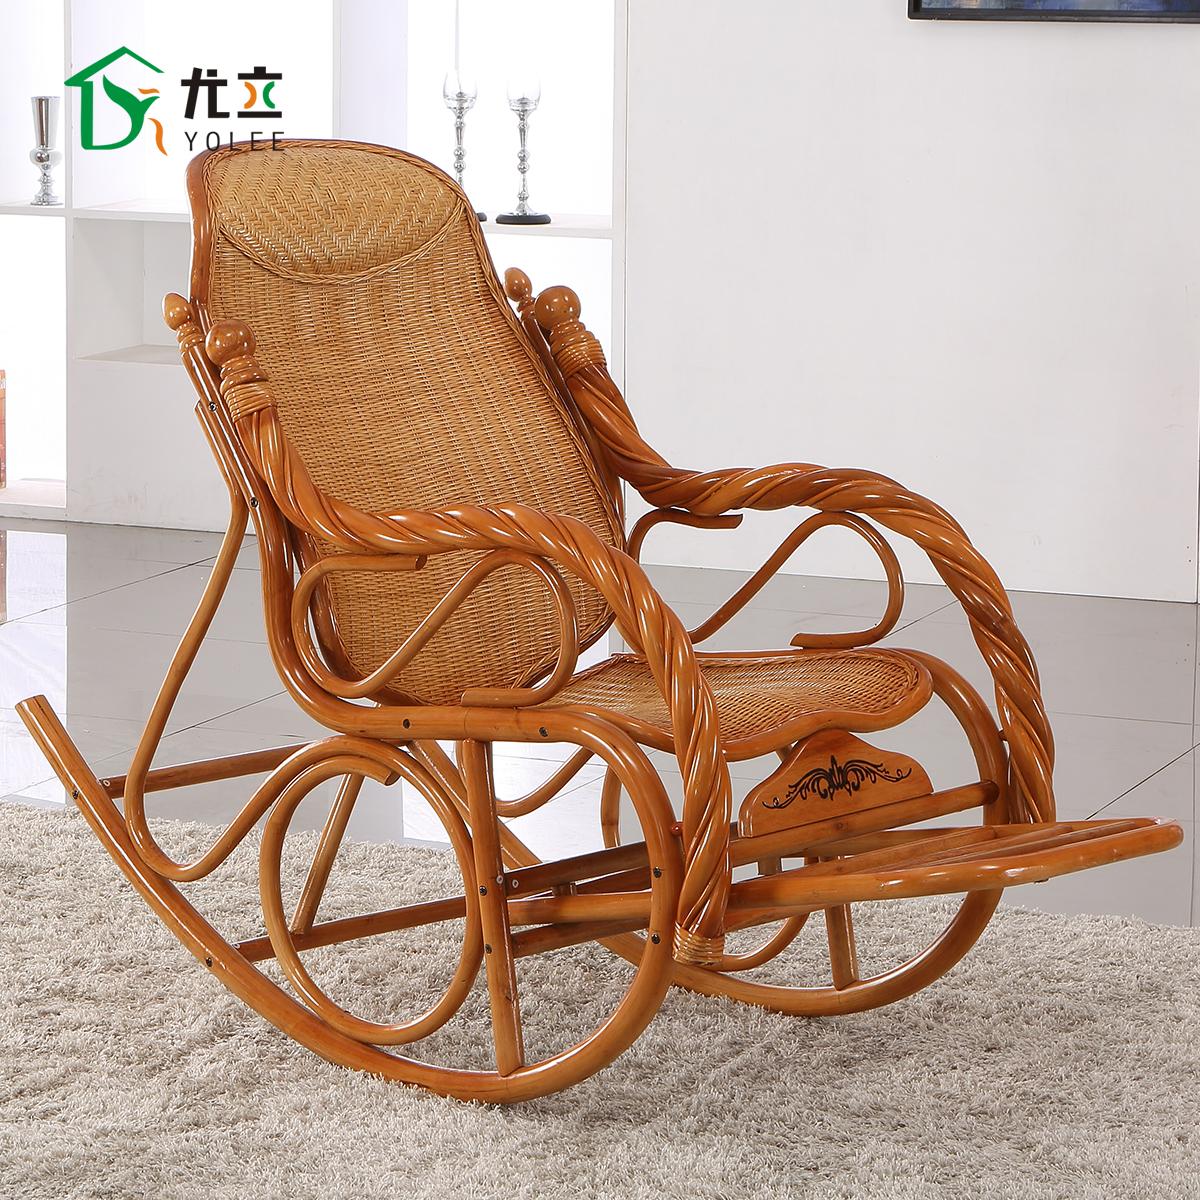 尤立藤摇摇椅躺椅折叠椅午休椅阳台逍遥椅印尼天然藤椅子藤摇椅